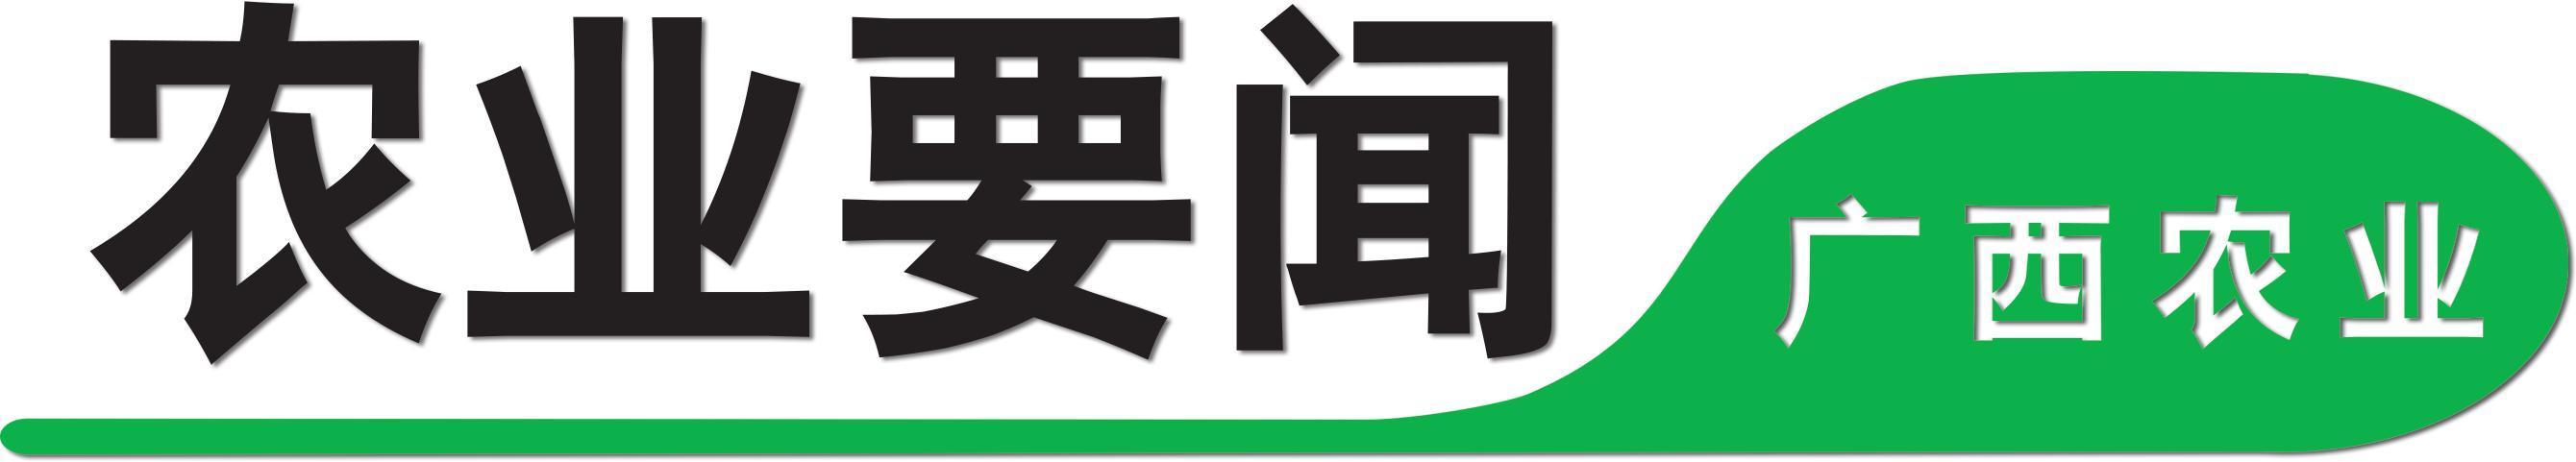 冒险岛-2019年广西畜牧兽医技术骨干知识更新培训班在广州开班